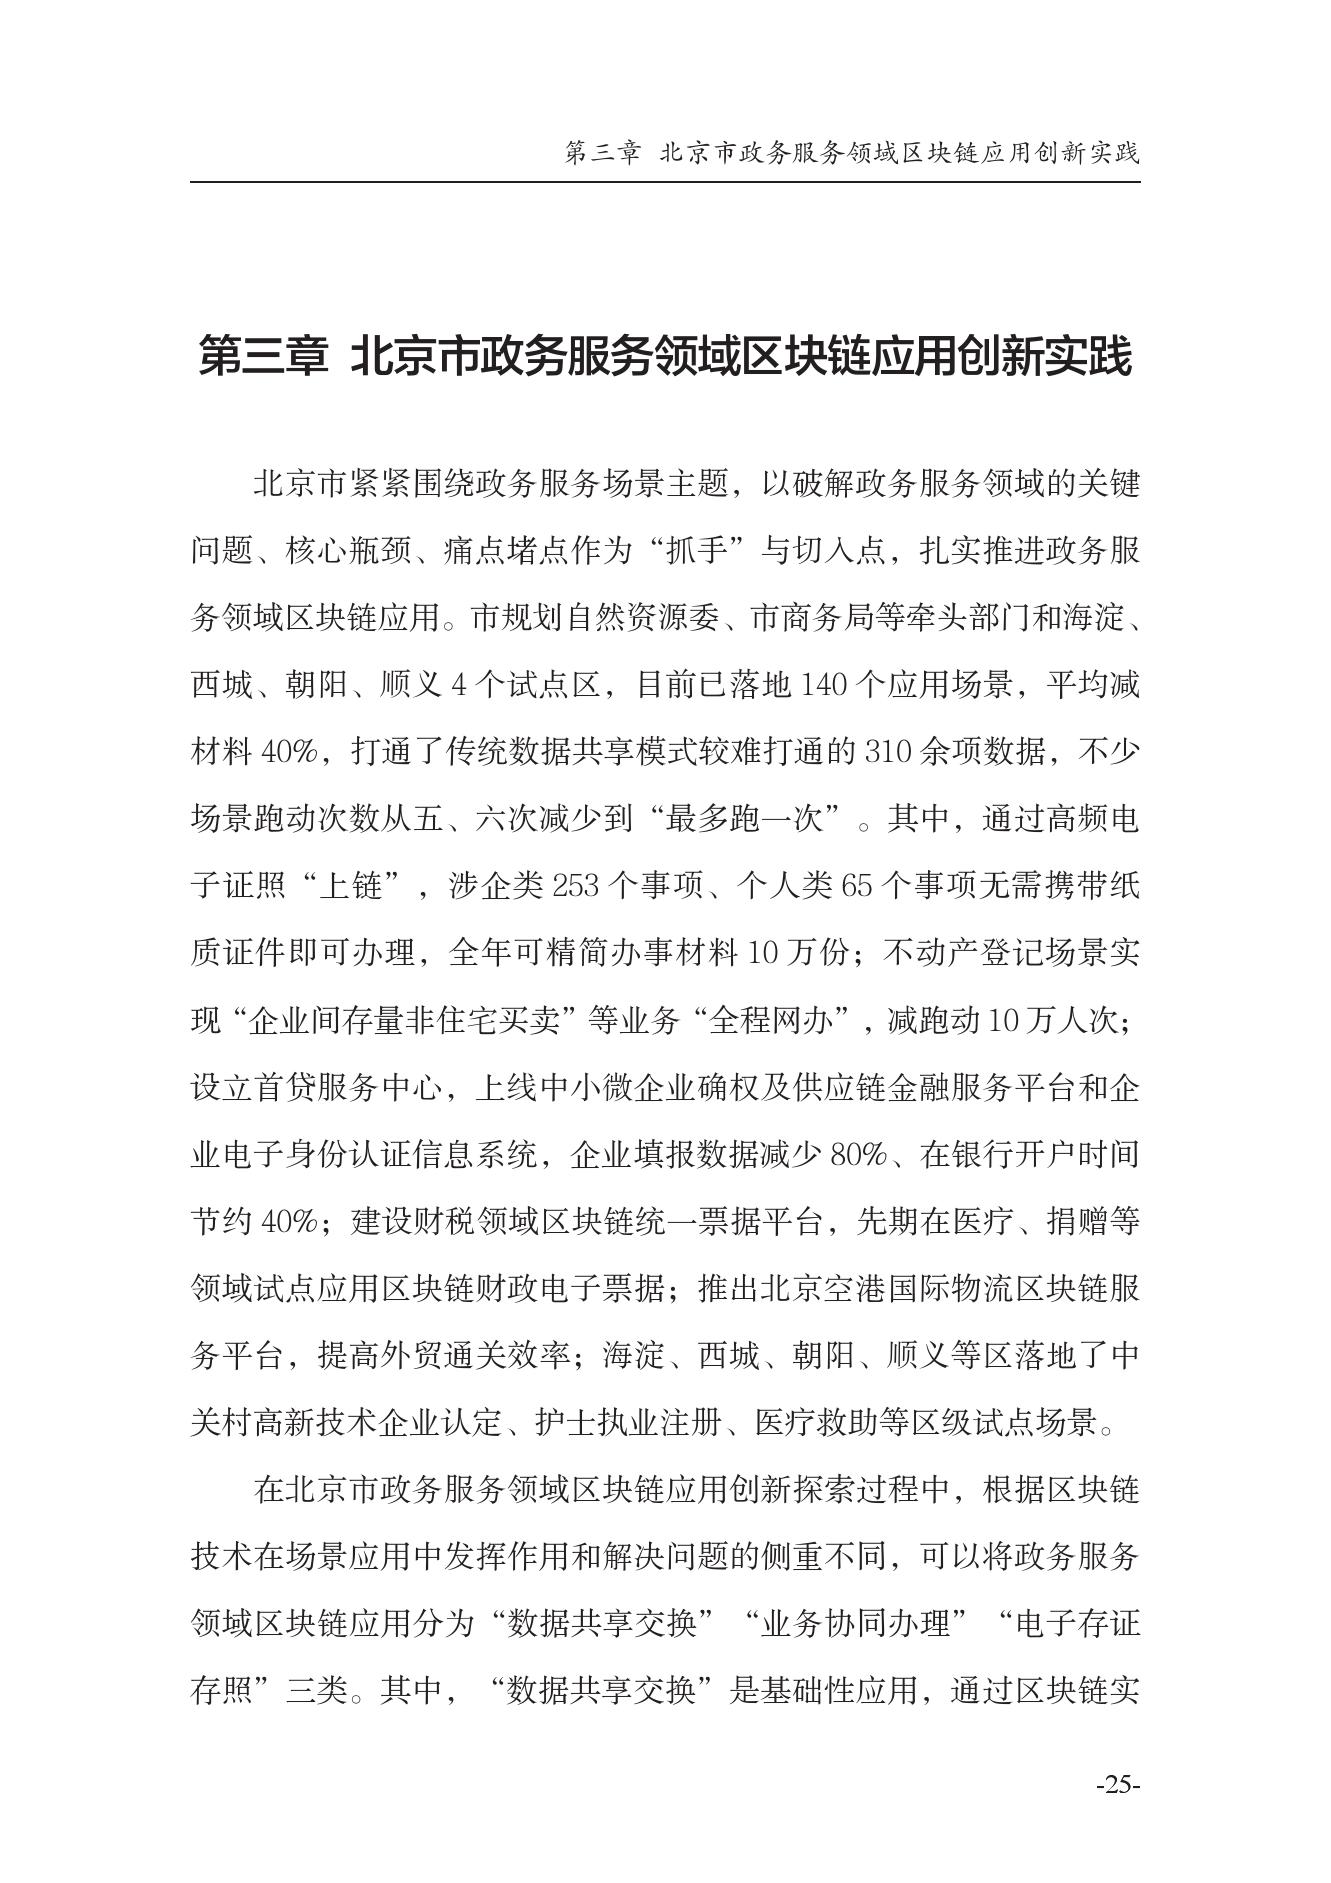 北京市政务服务领域区块链应用创新蓝皮书(可下载报告)插图(55)